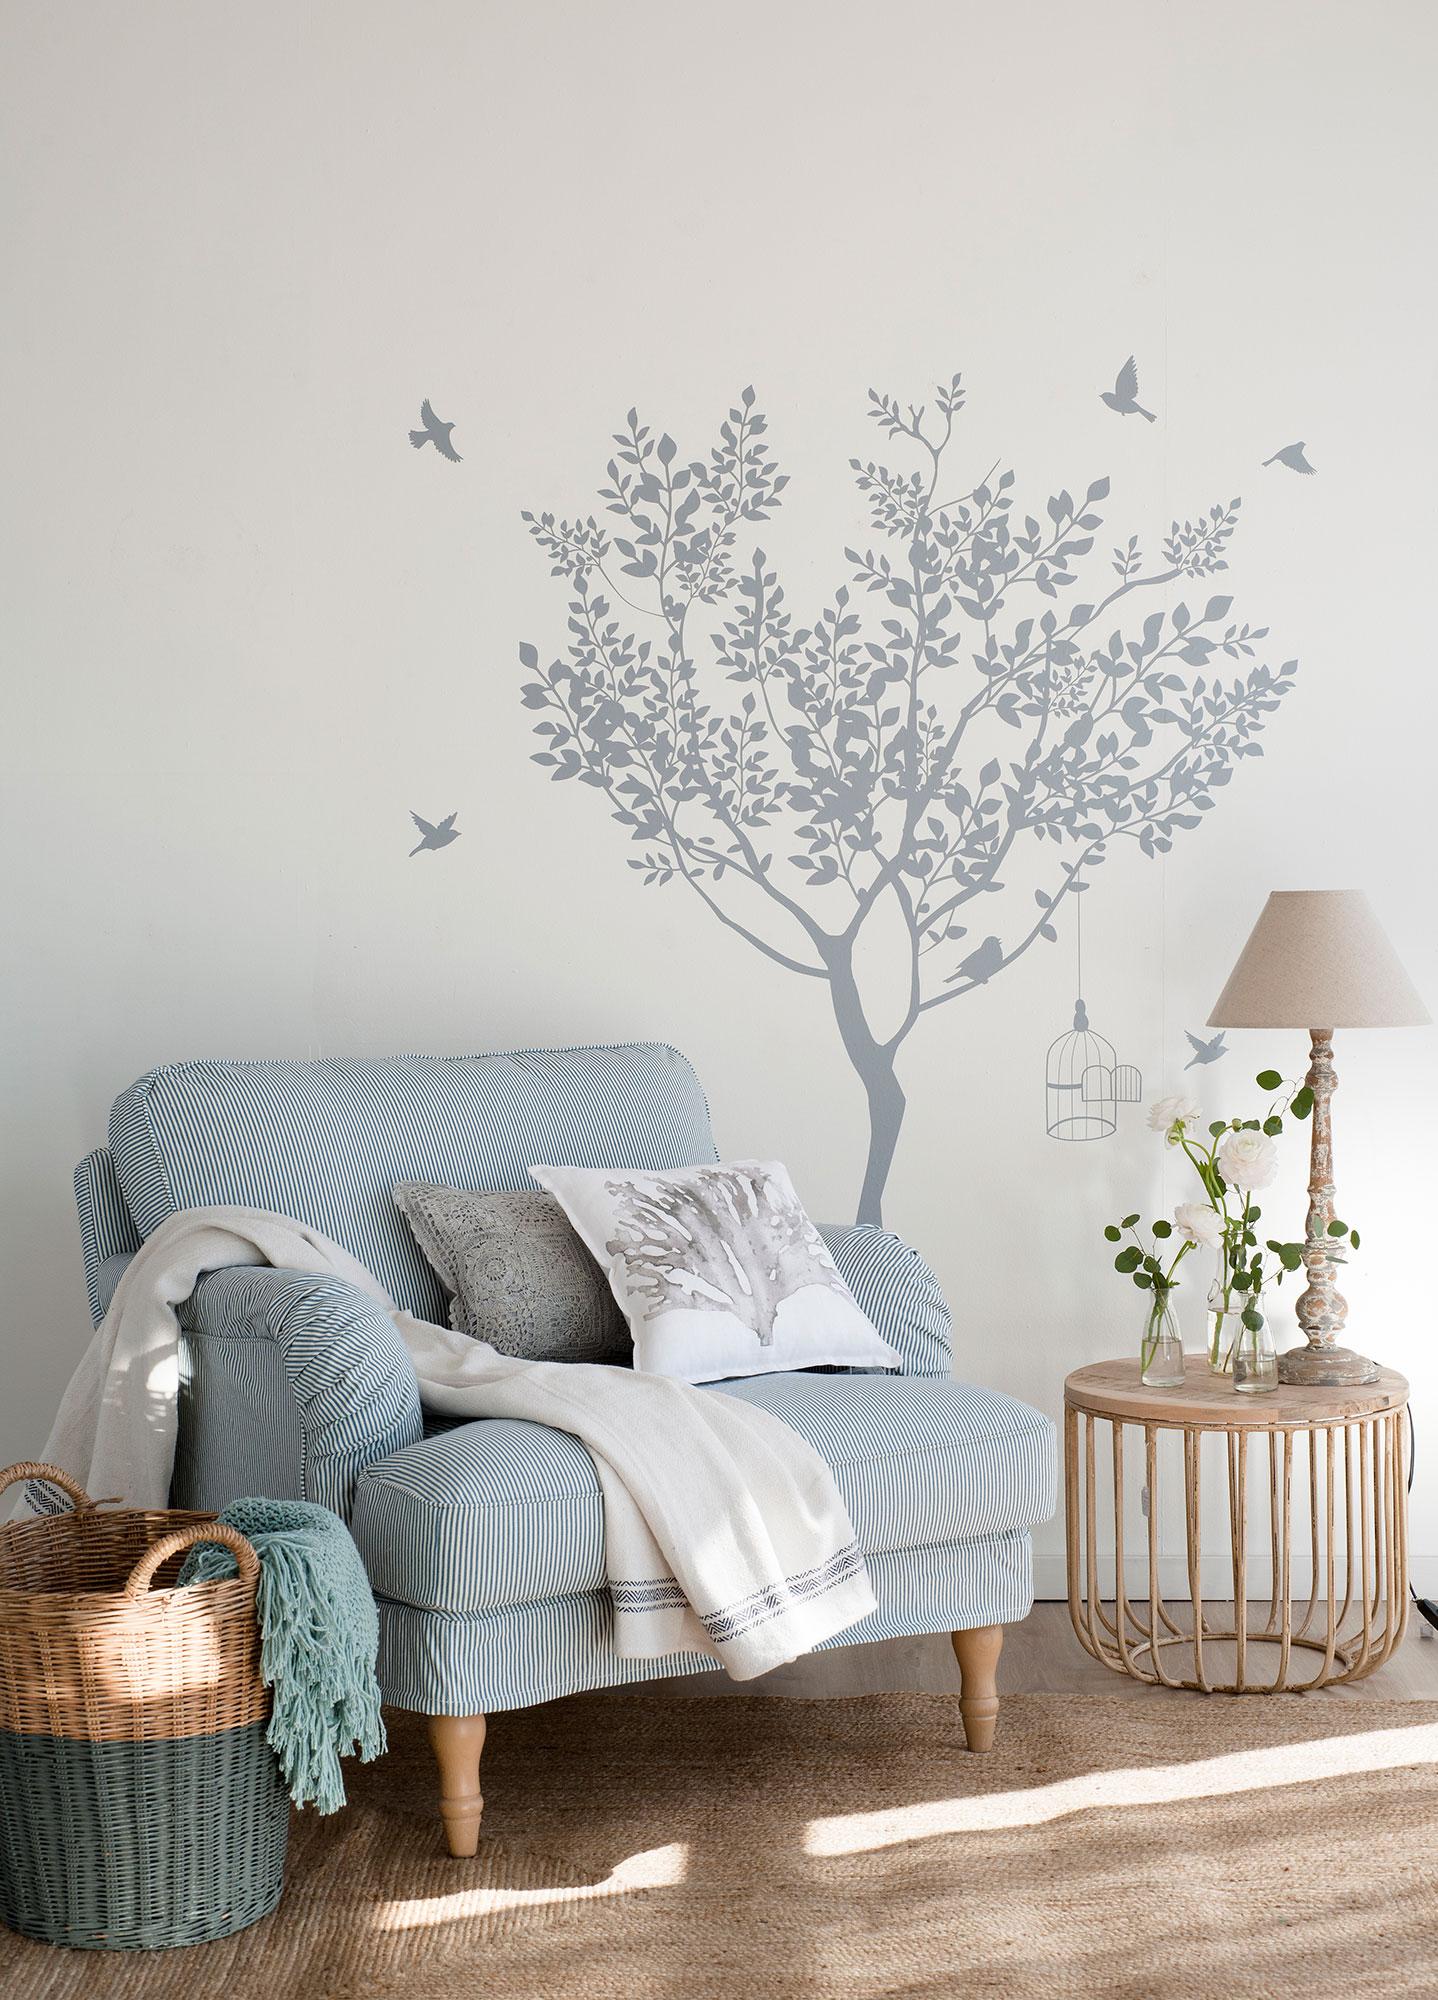 Decora las paredes de tu casa: 15 ideas fáciles y de moda